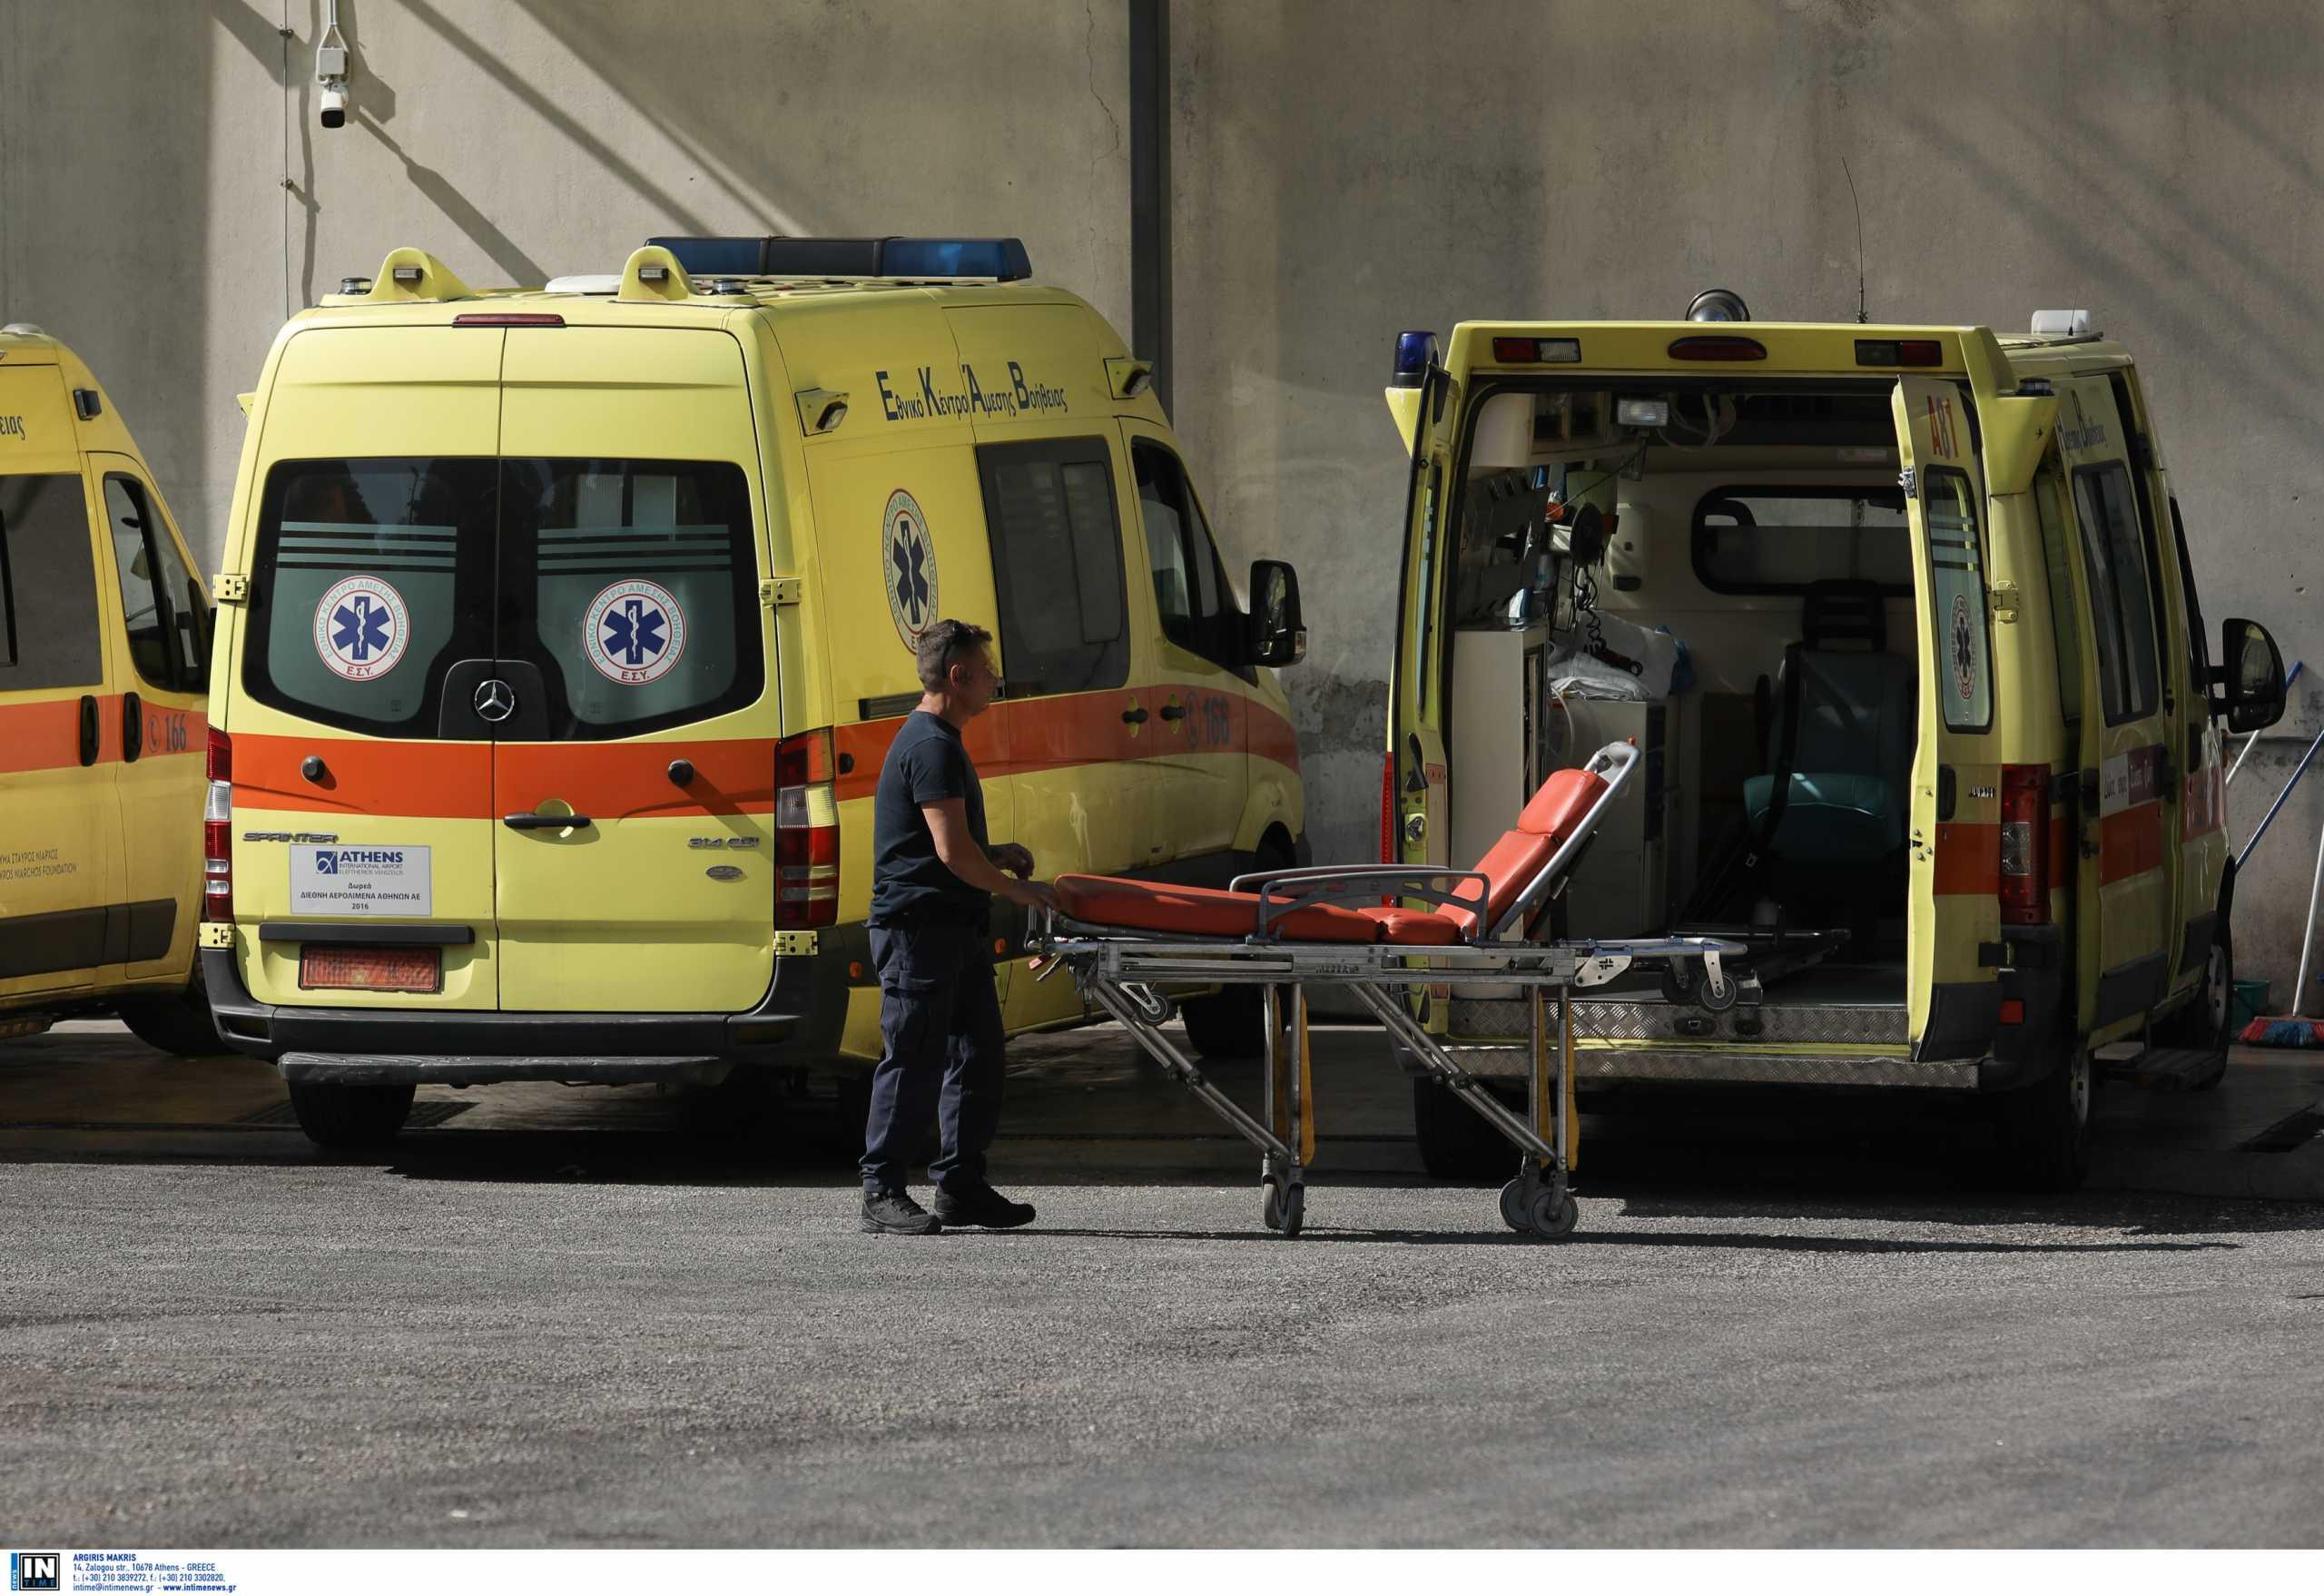 Θανατηφόρο τροχαίο στην Κρήτη – Το αυτοκίνητο έπεσε σε χαράδρα